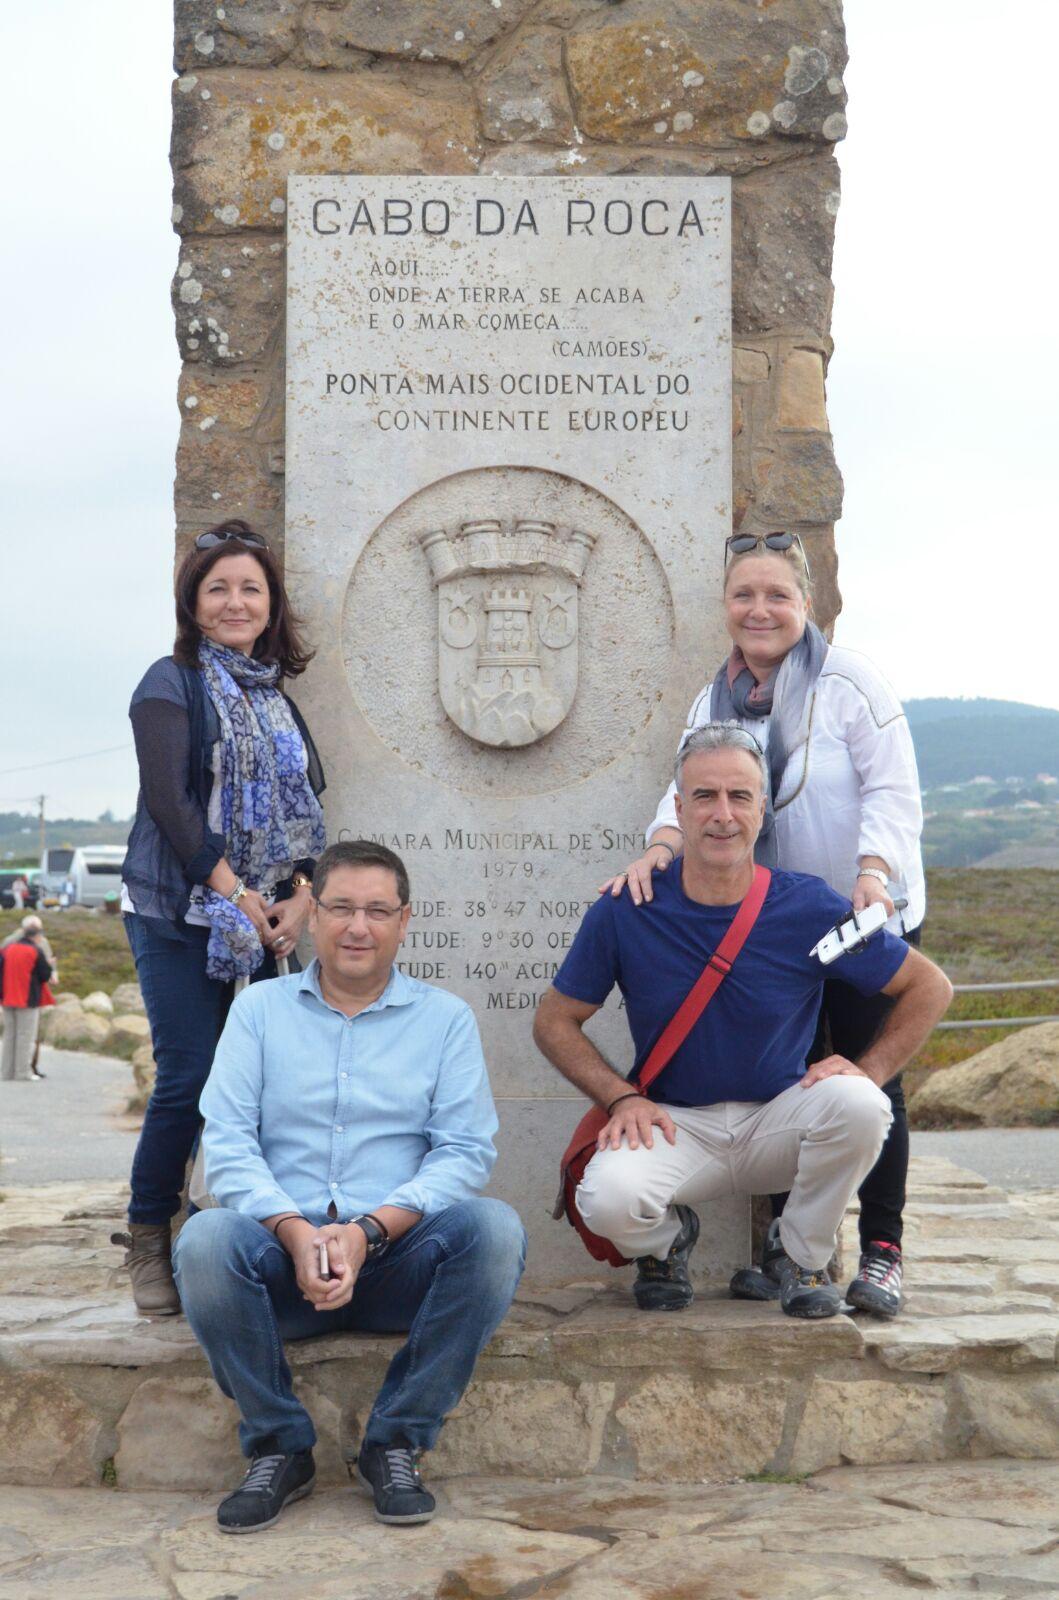 Montse, Afonso, Antonio y Pam en el Cabo de la Roca, Portugal